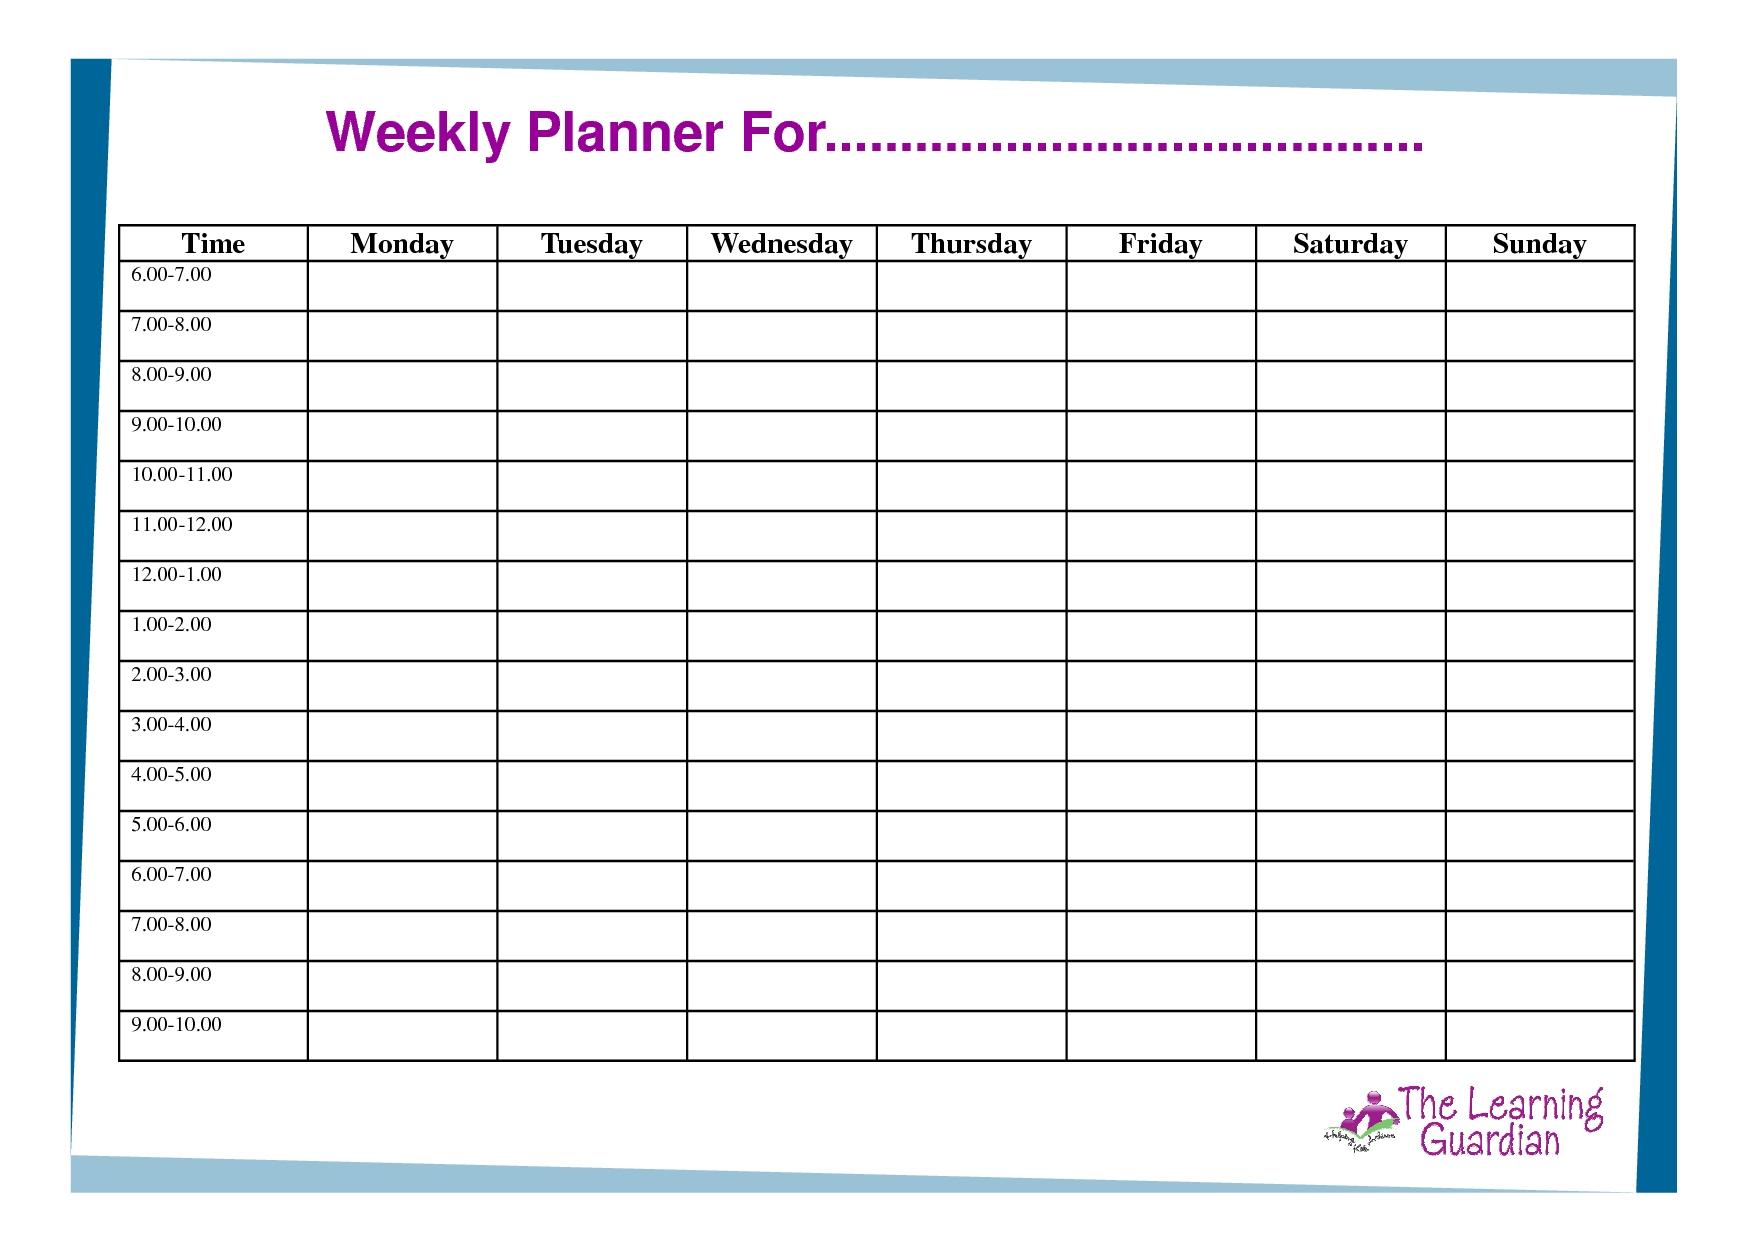 Weekly Agenda Planner Template ] - Weekly Planner Template